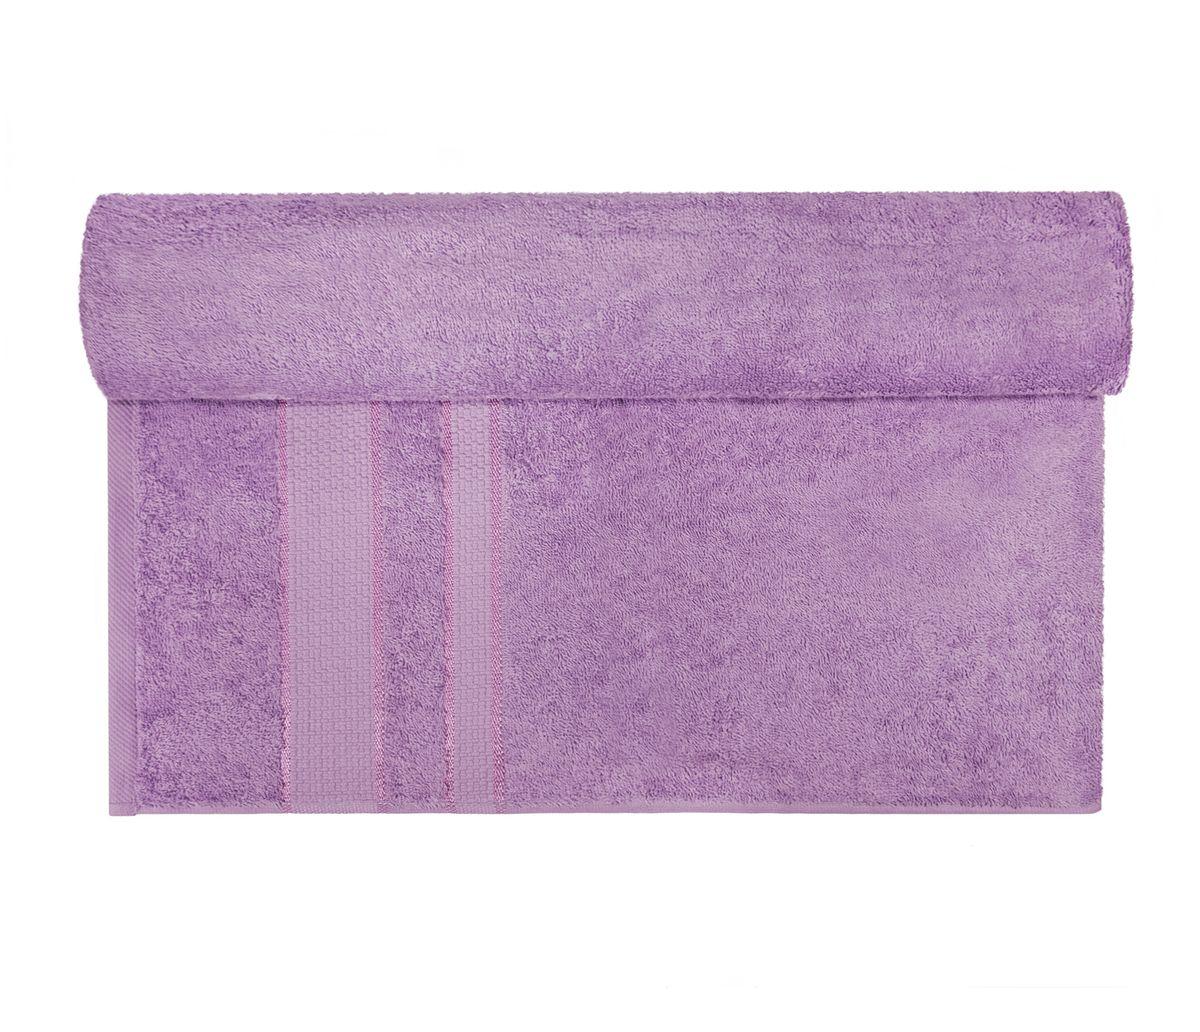 Полотенце махровое Osborn Textile, цвет: сиреневый, 70 см х 140 смУзТ-МПБ-004-02-05В состав полотенца Osborn Textile входит только натуральное волокно - хлопок. Лаконичные бордюры подойдут для любого интерьера ванной комнаты. Полотенце прекрасно впитывает влагу и быстро сохнет. При соблюдении рекомендаций по уходу не линяет и не теряет форму даже после многократных стирок. Плотность: 450 г/м2.